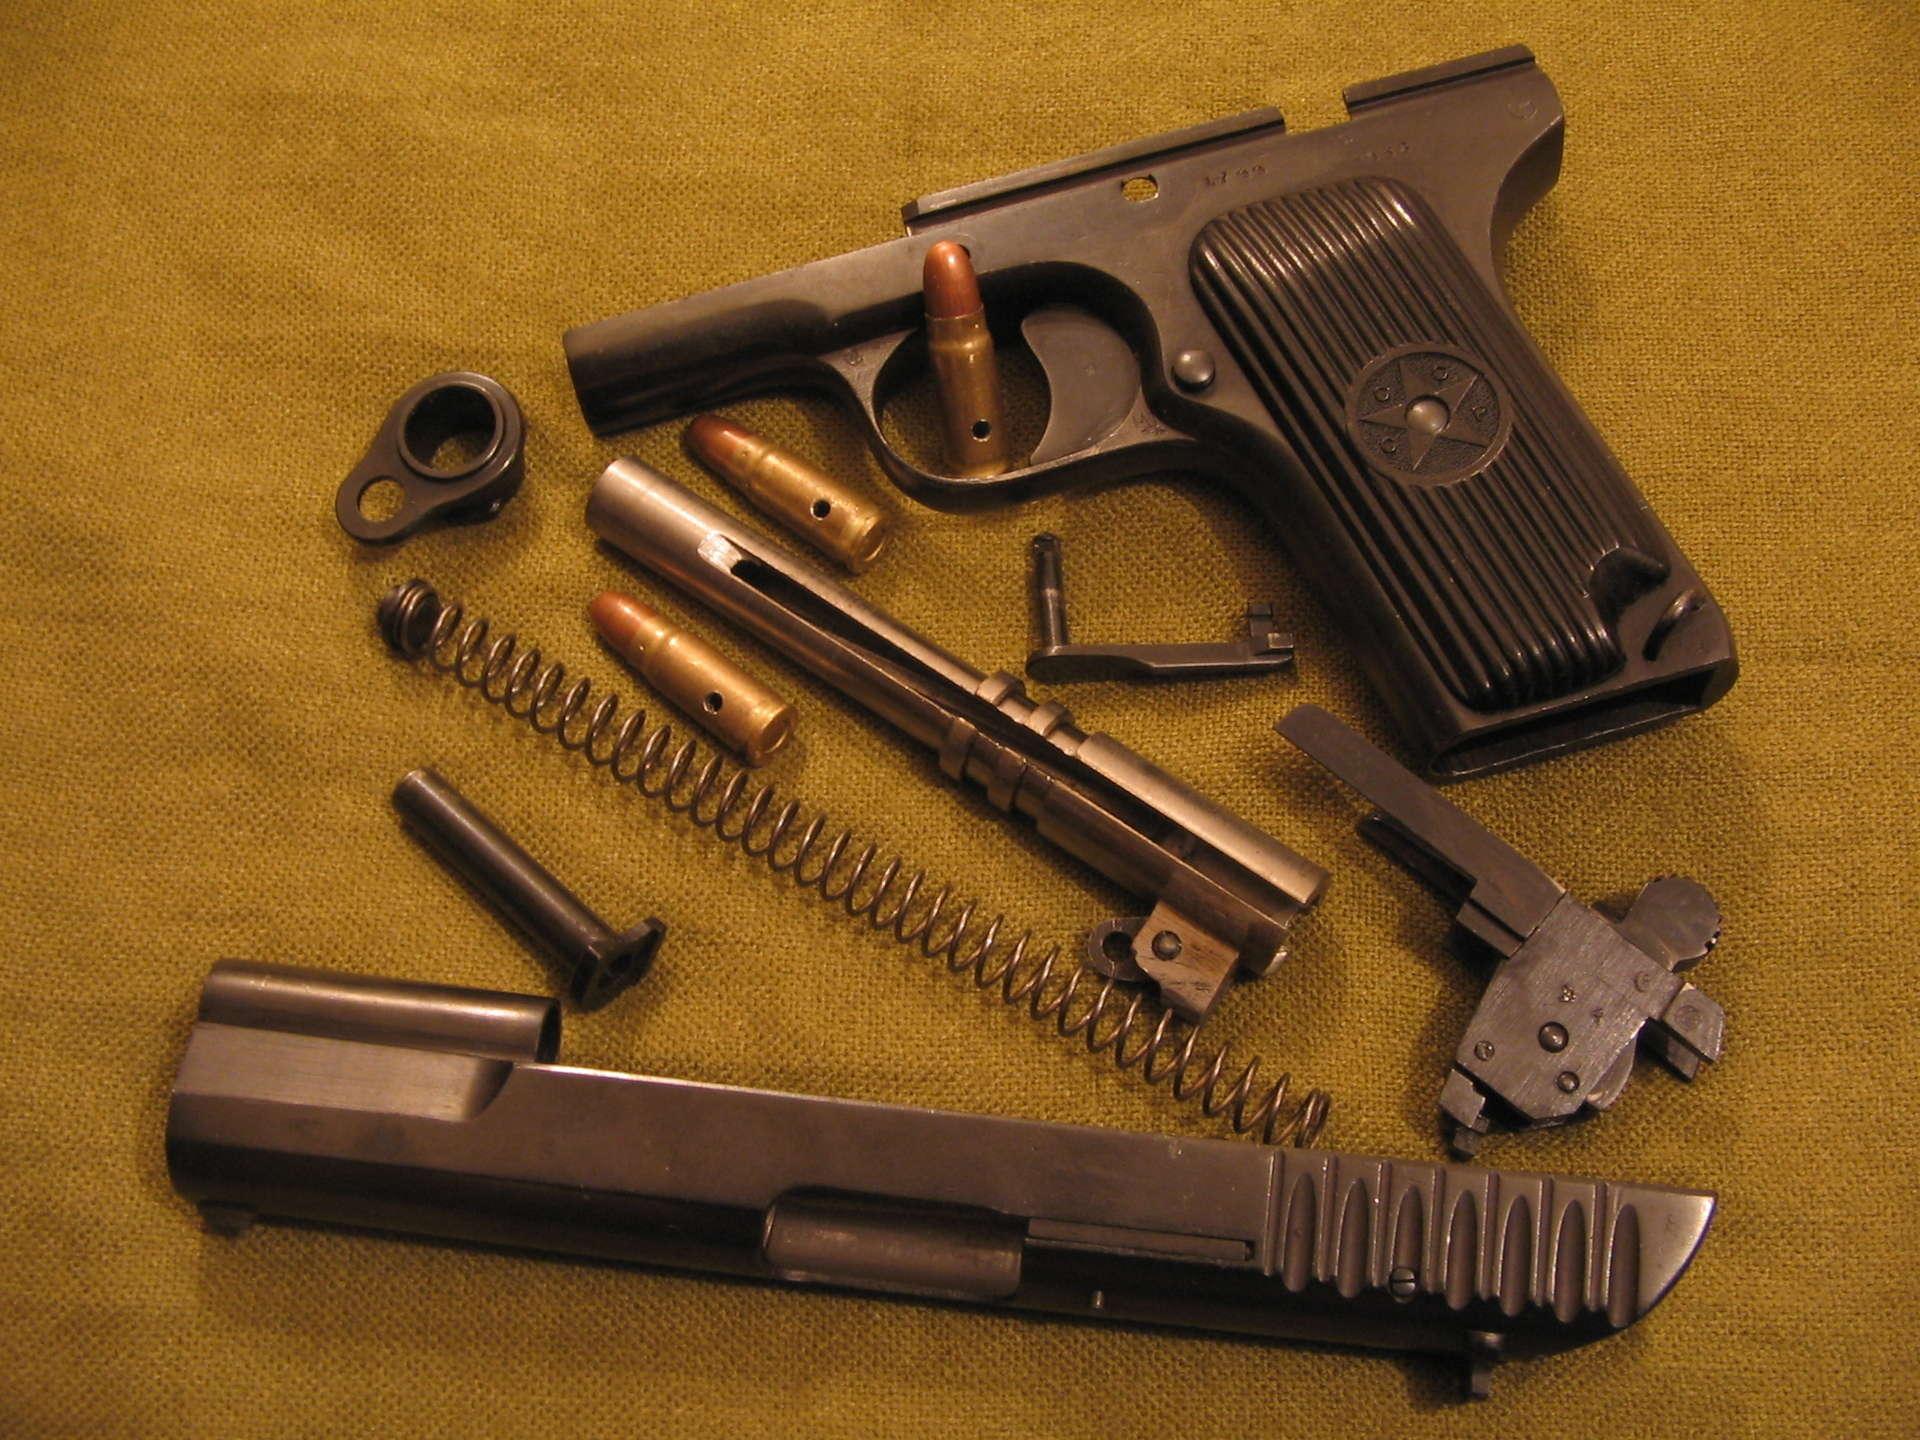 Пистолет тт боевой - технические характеристики, калибр, фото тульского токарева